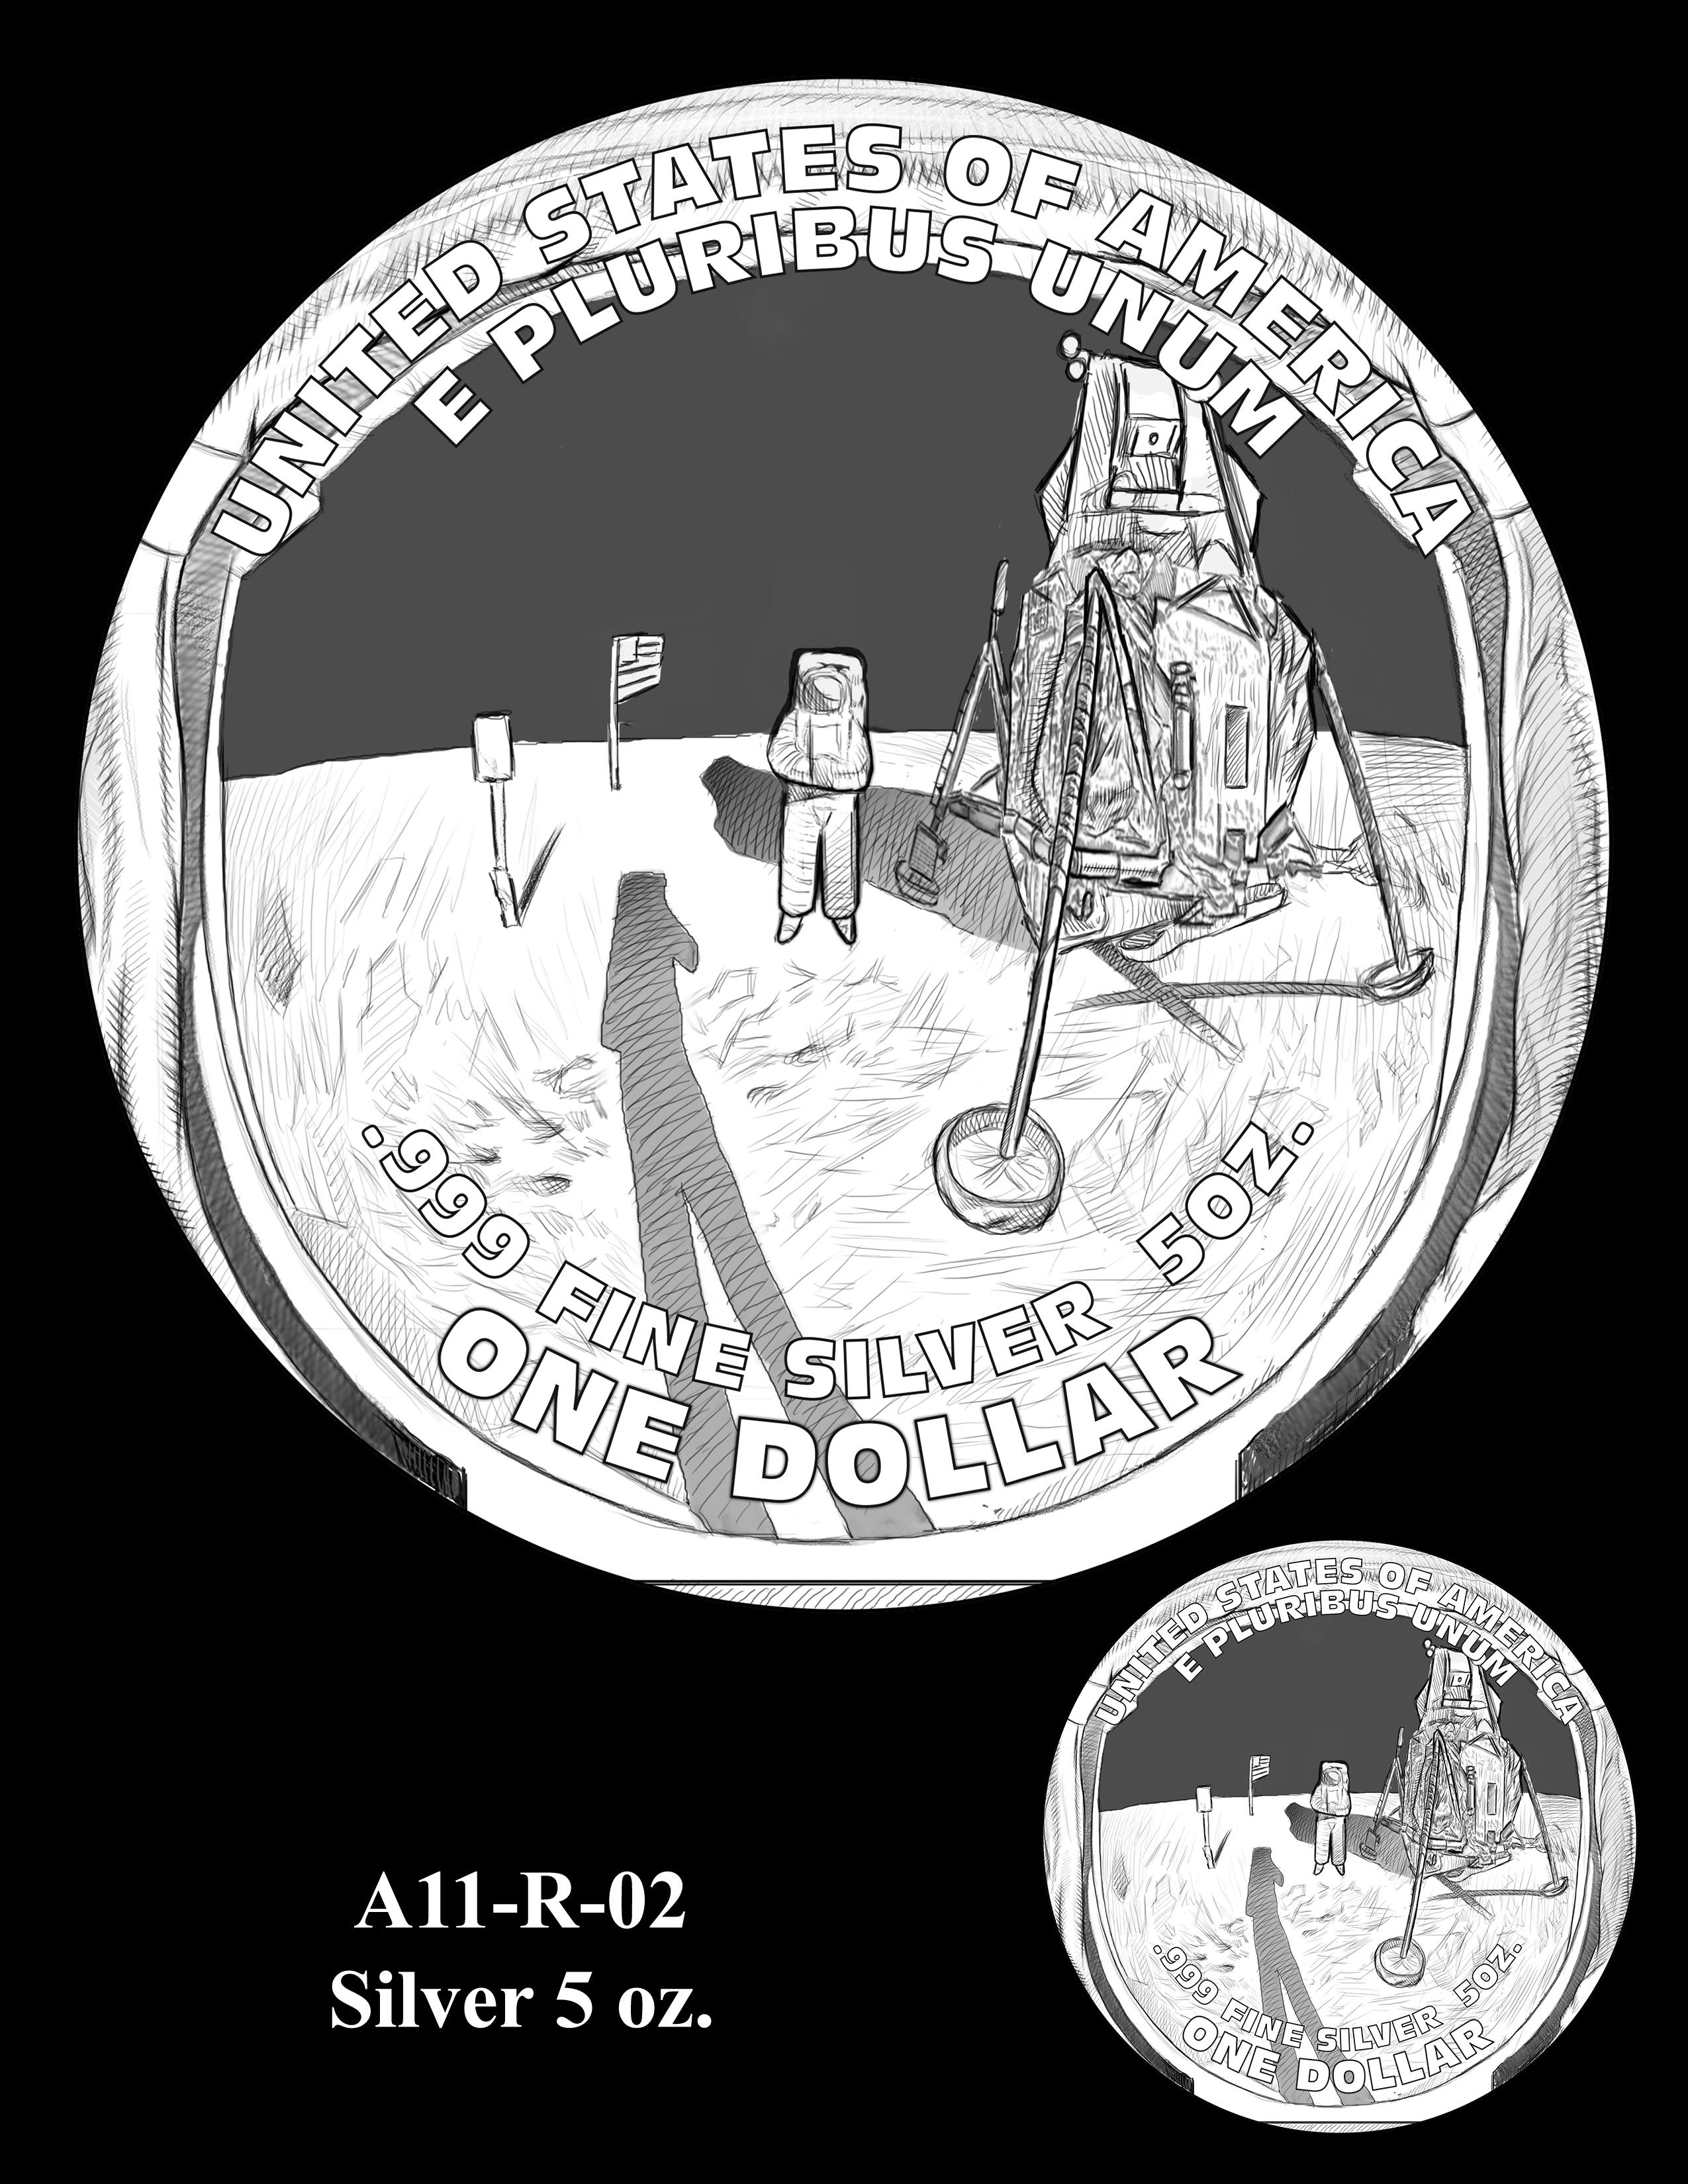 A11-R-02-SILVER-5oz. -- 2019-Apollo 11 50th Anniversary Commemorative Coin